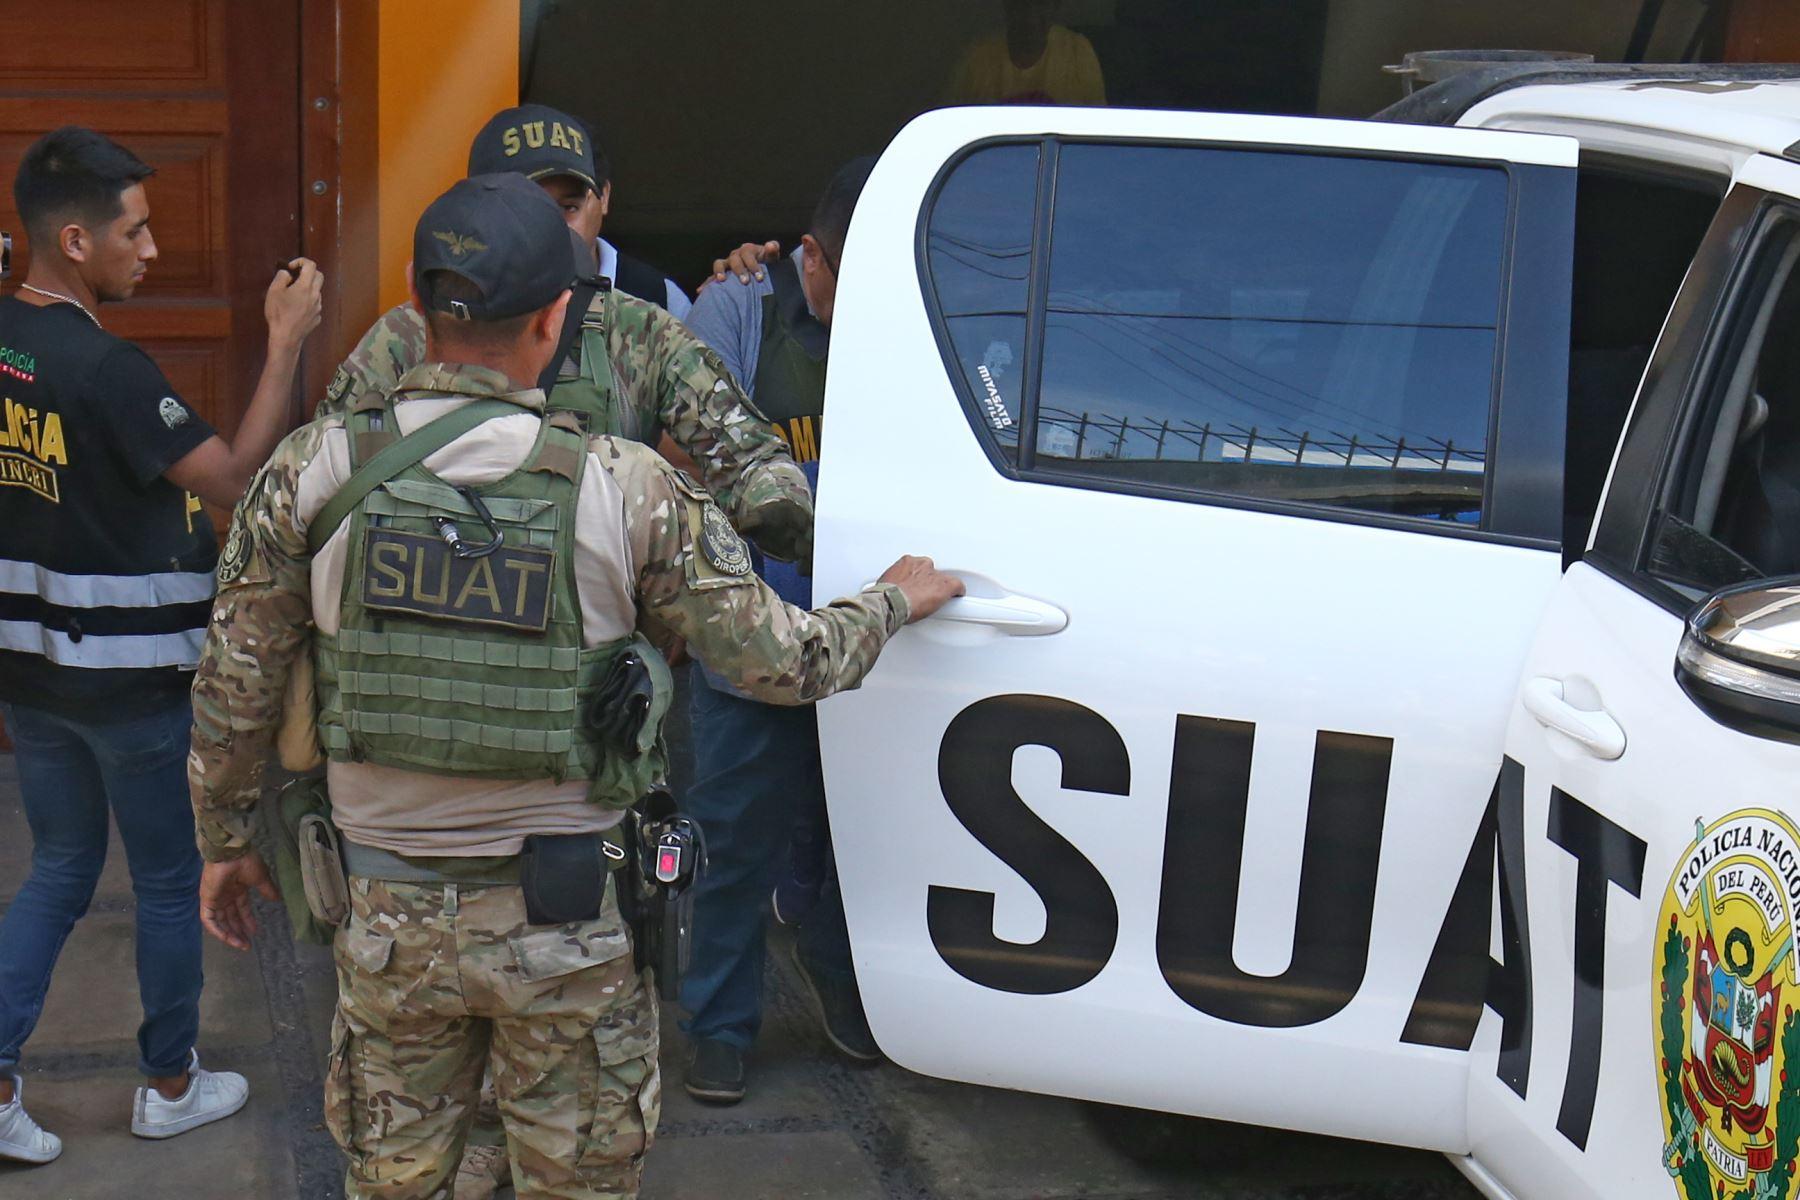 """Ex alcalde del Callao Juan Sotomayor es detenido por la policía por el caso Eslimp""""Aporte fantasma"""". Foto: ANDINA/Vidal Tarqui"""